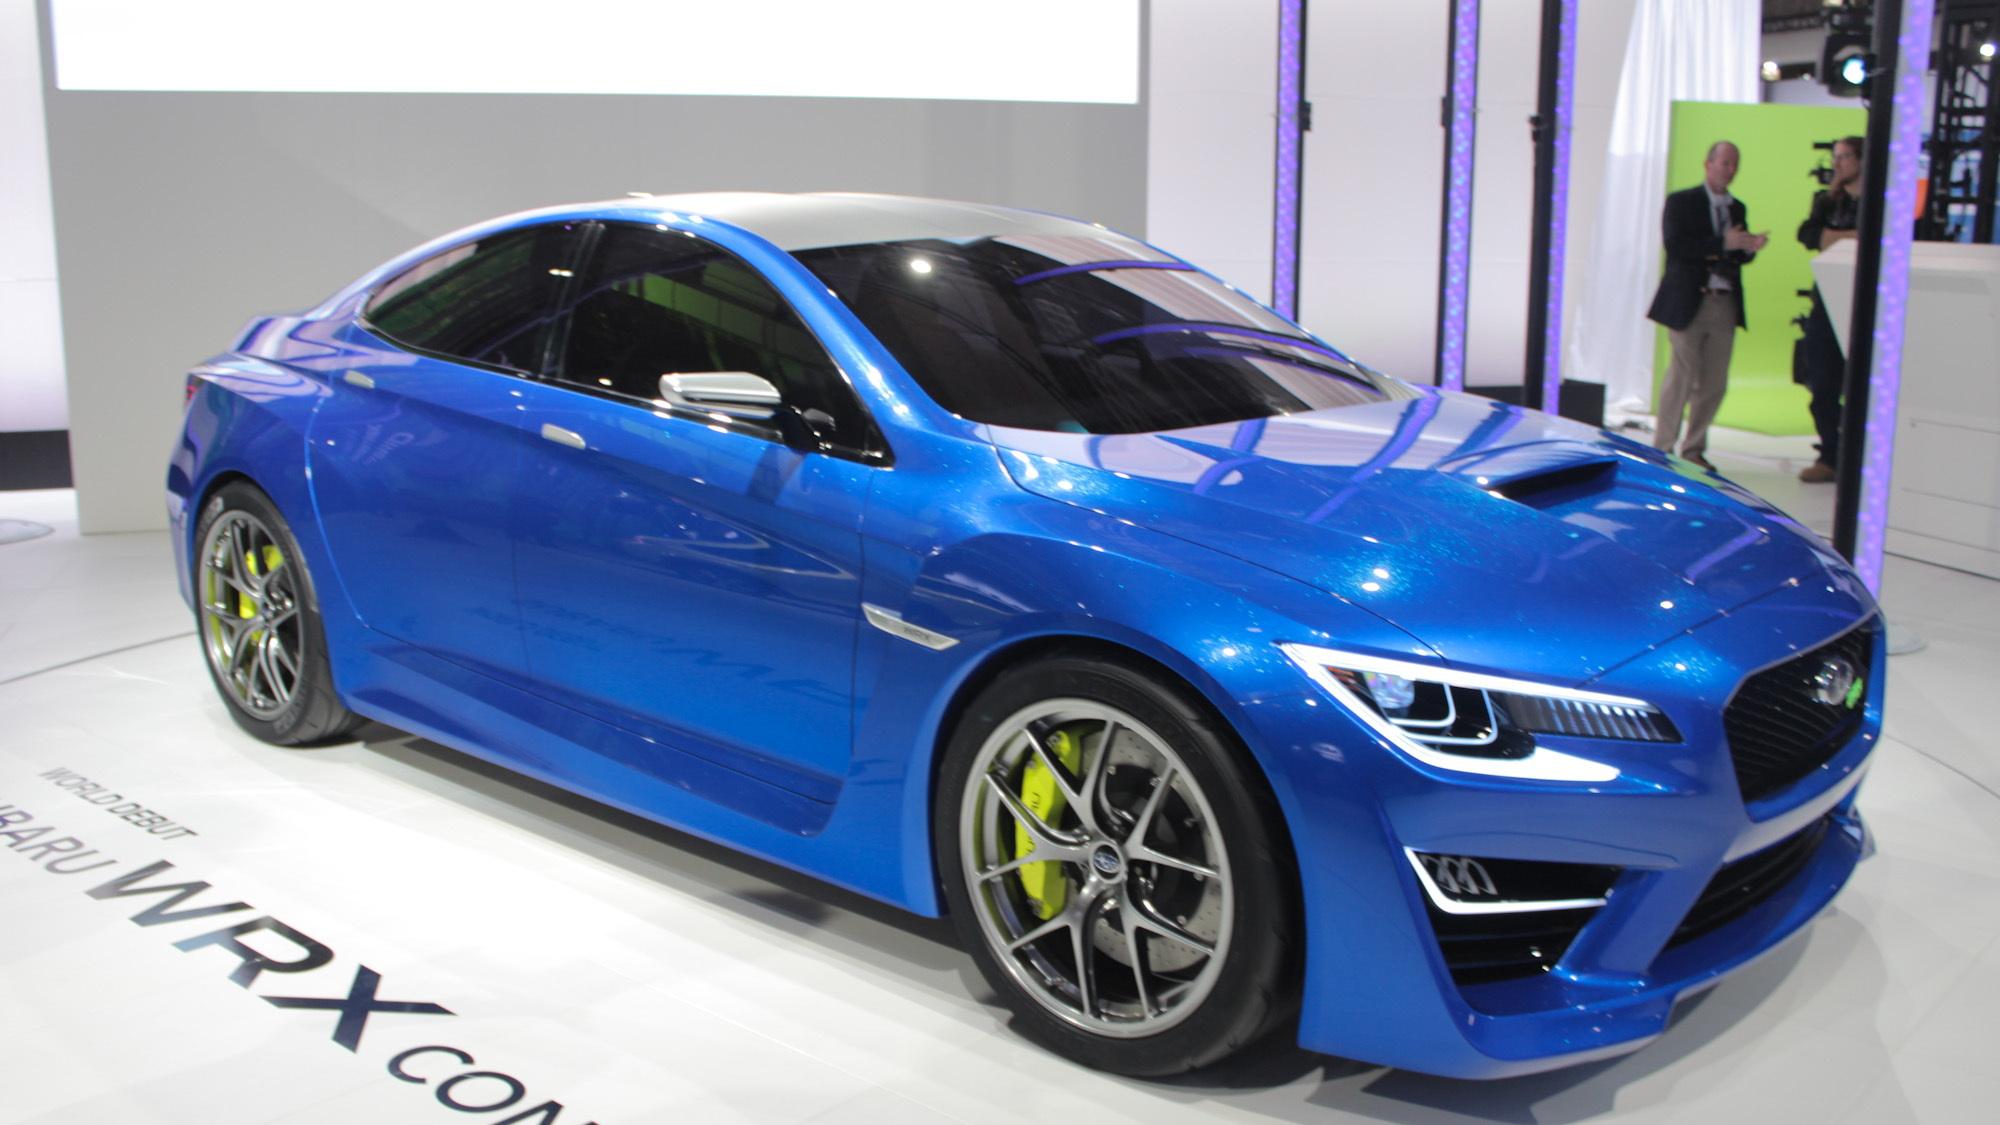 Subaru WRX Concept, 2013 New York Auto Show